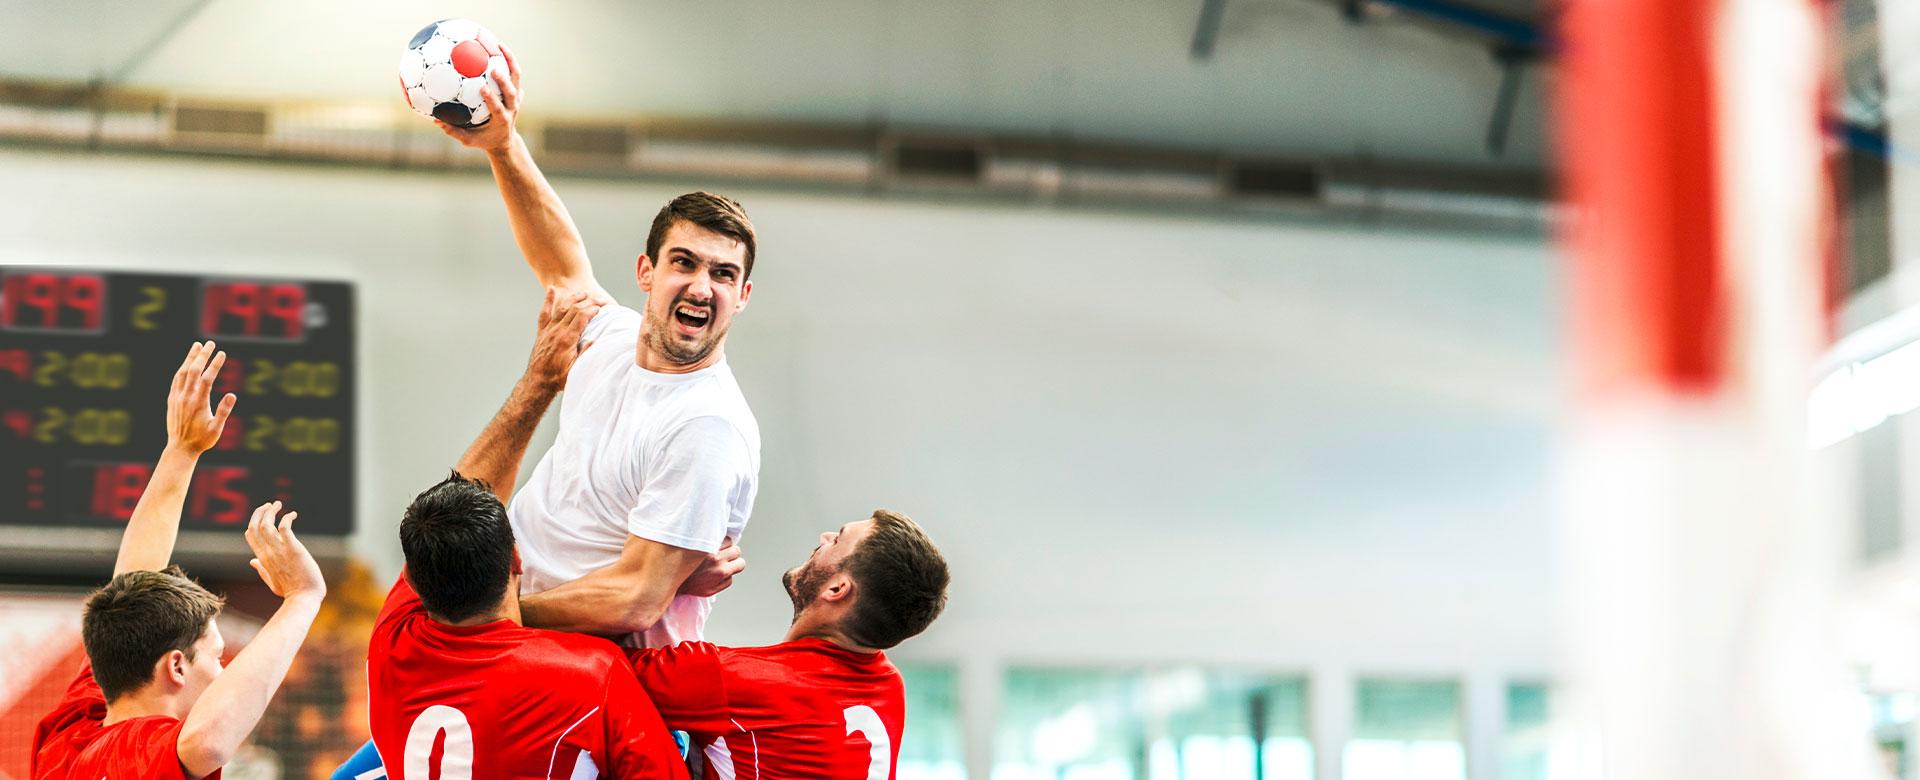 <h2>Klarer Treffer – Anzeigen für Handball und Volleyball</h2>